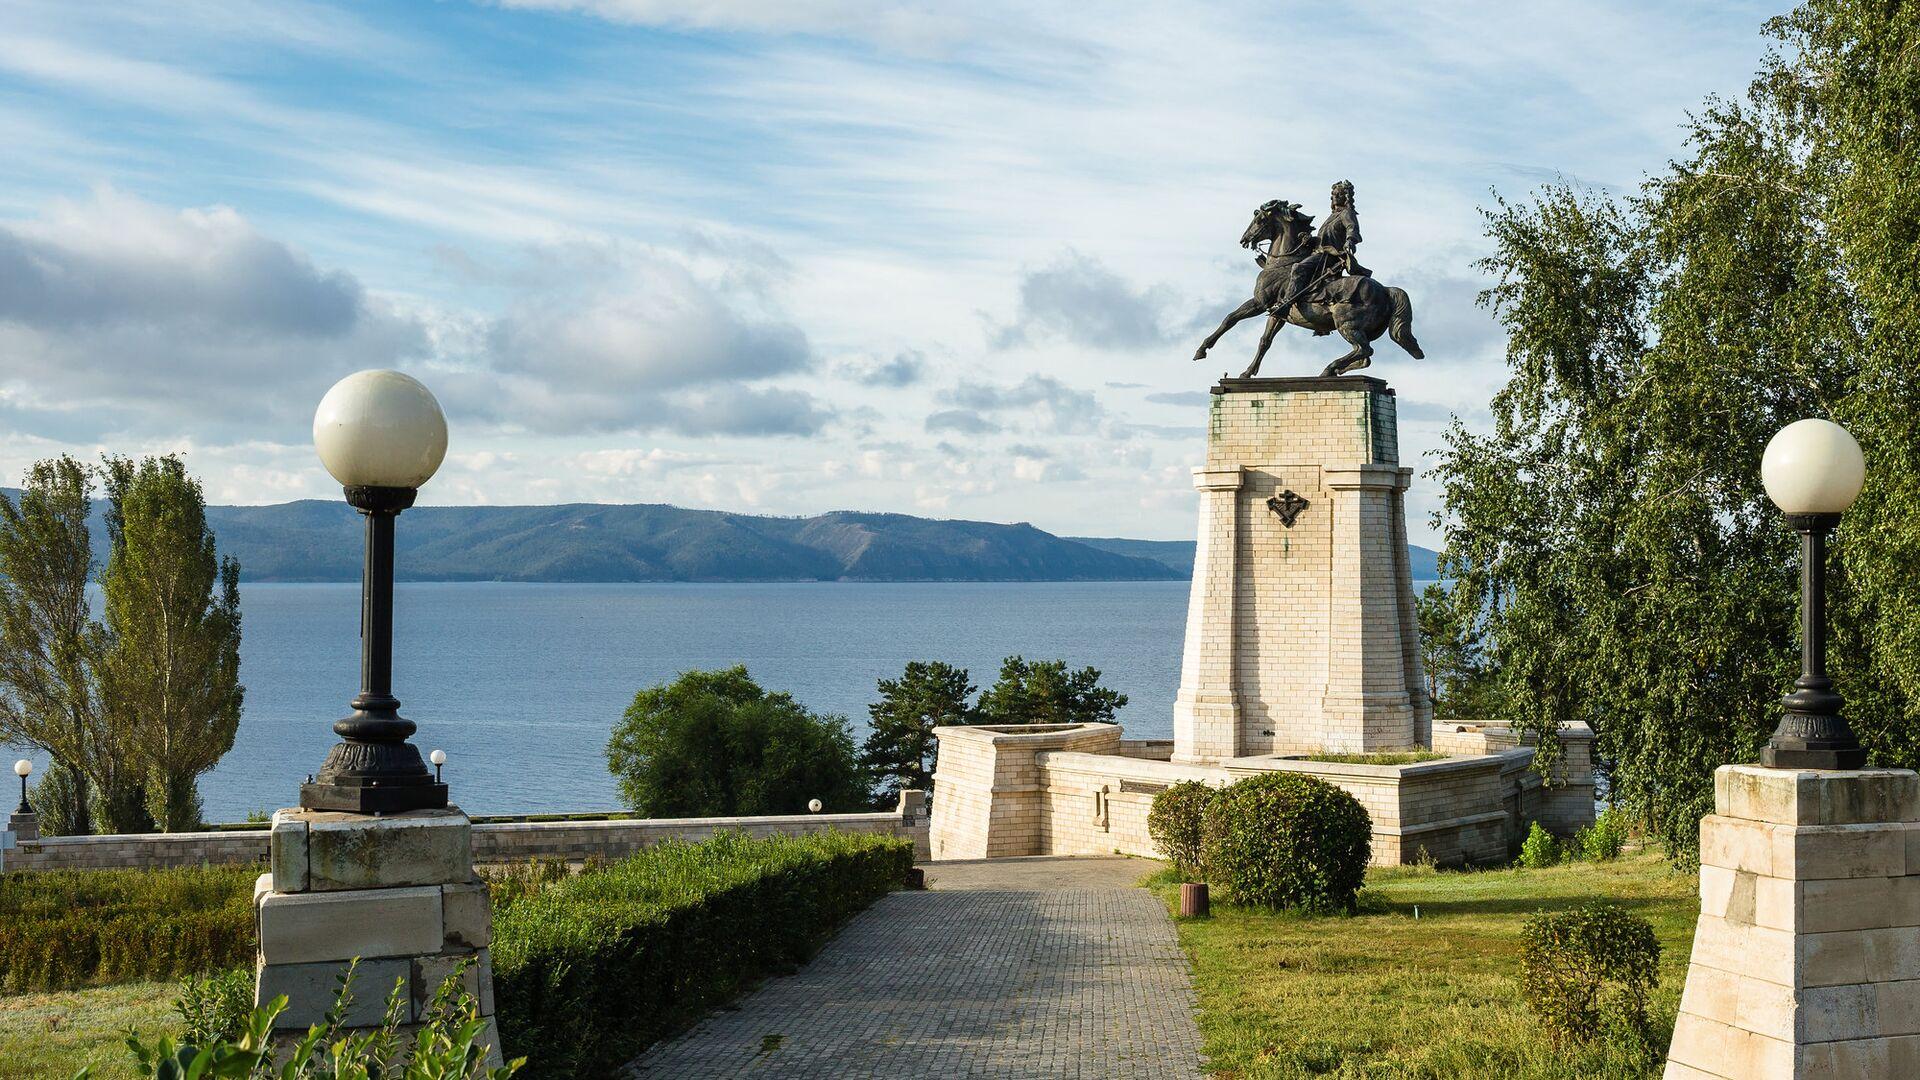 Памятник Василия Татищева в Тольятти - РИА Новости, 1920, 21.07.2021